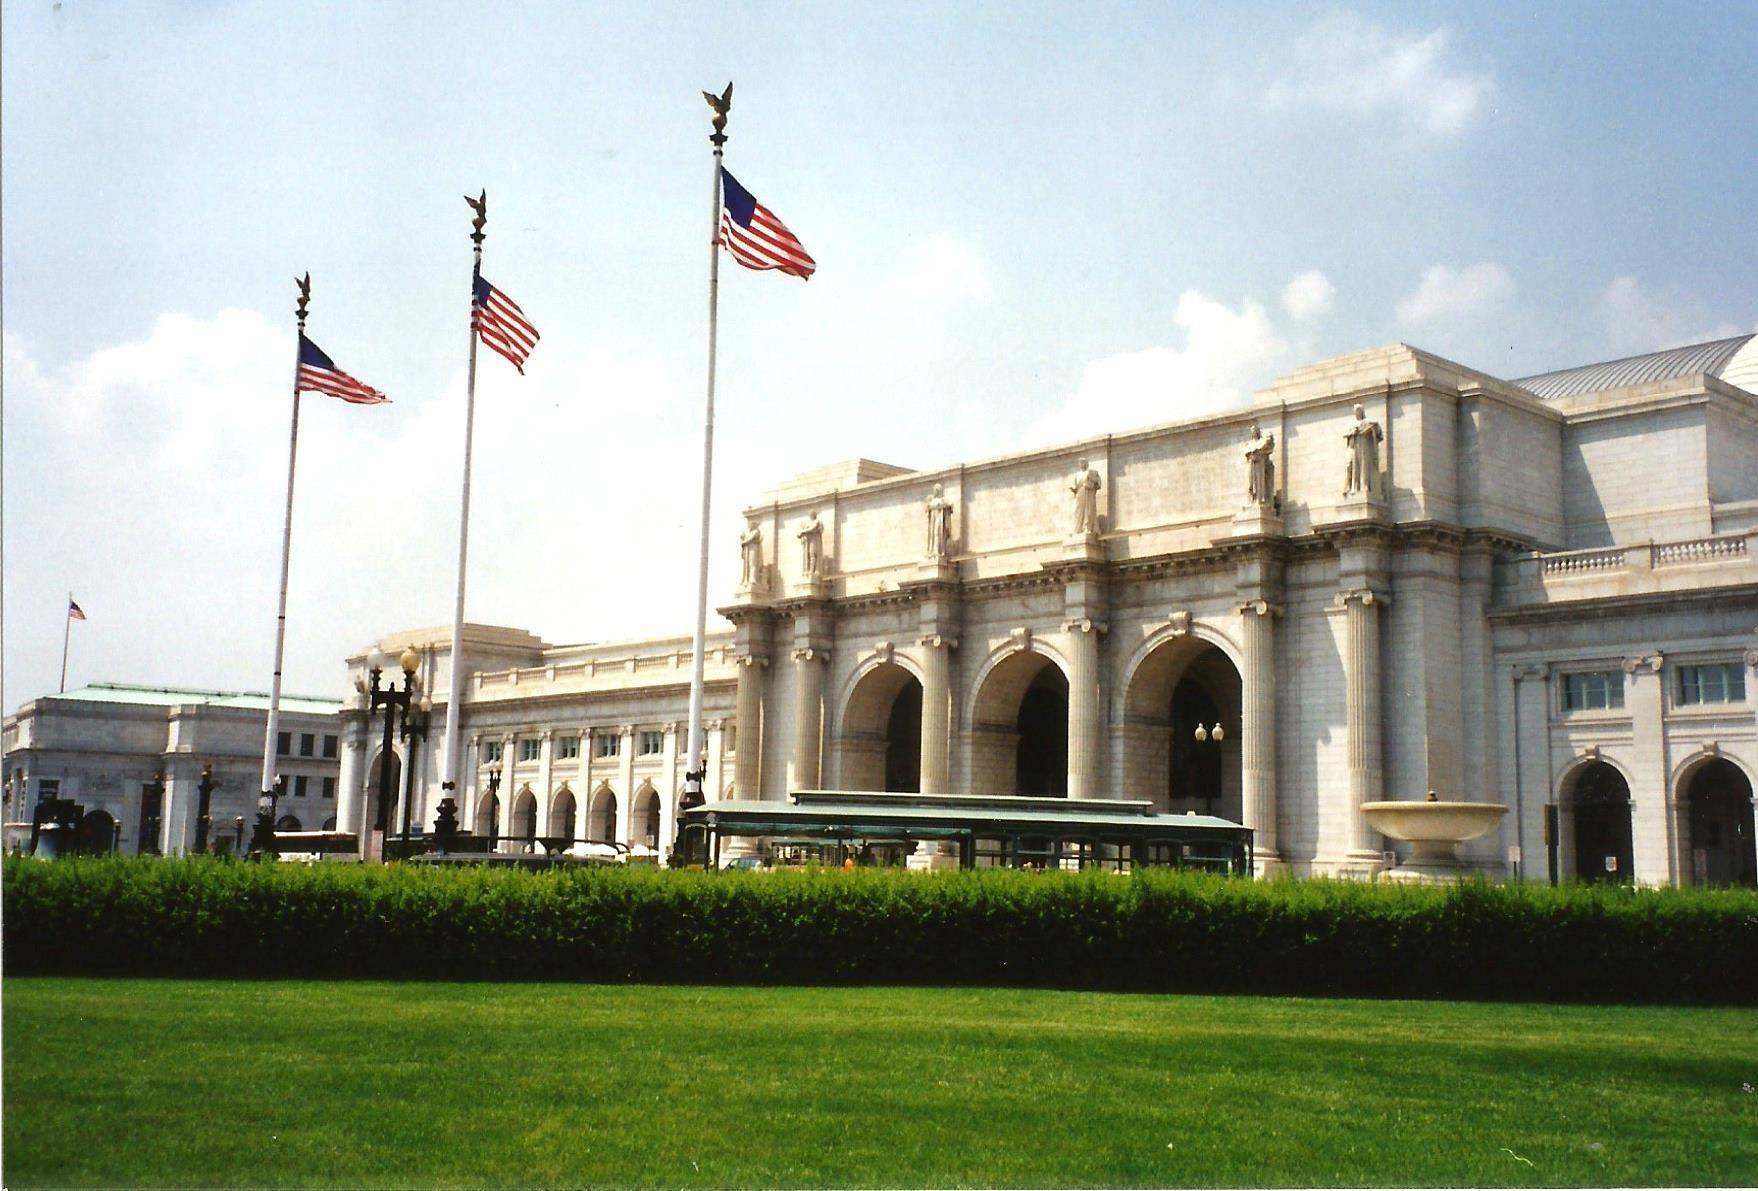 WASHINGTON'S UNION STATION by Hope Atwood Dayhoff